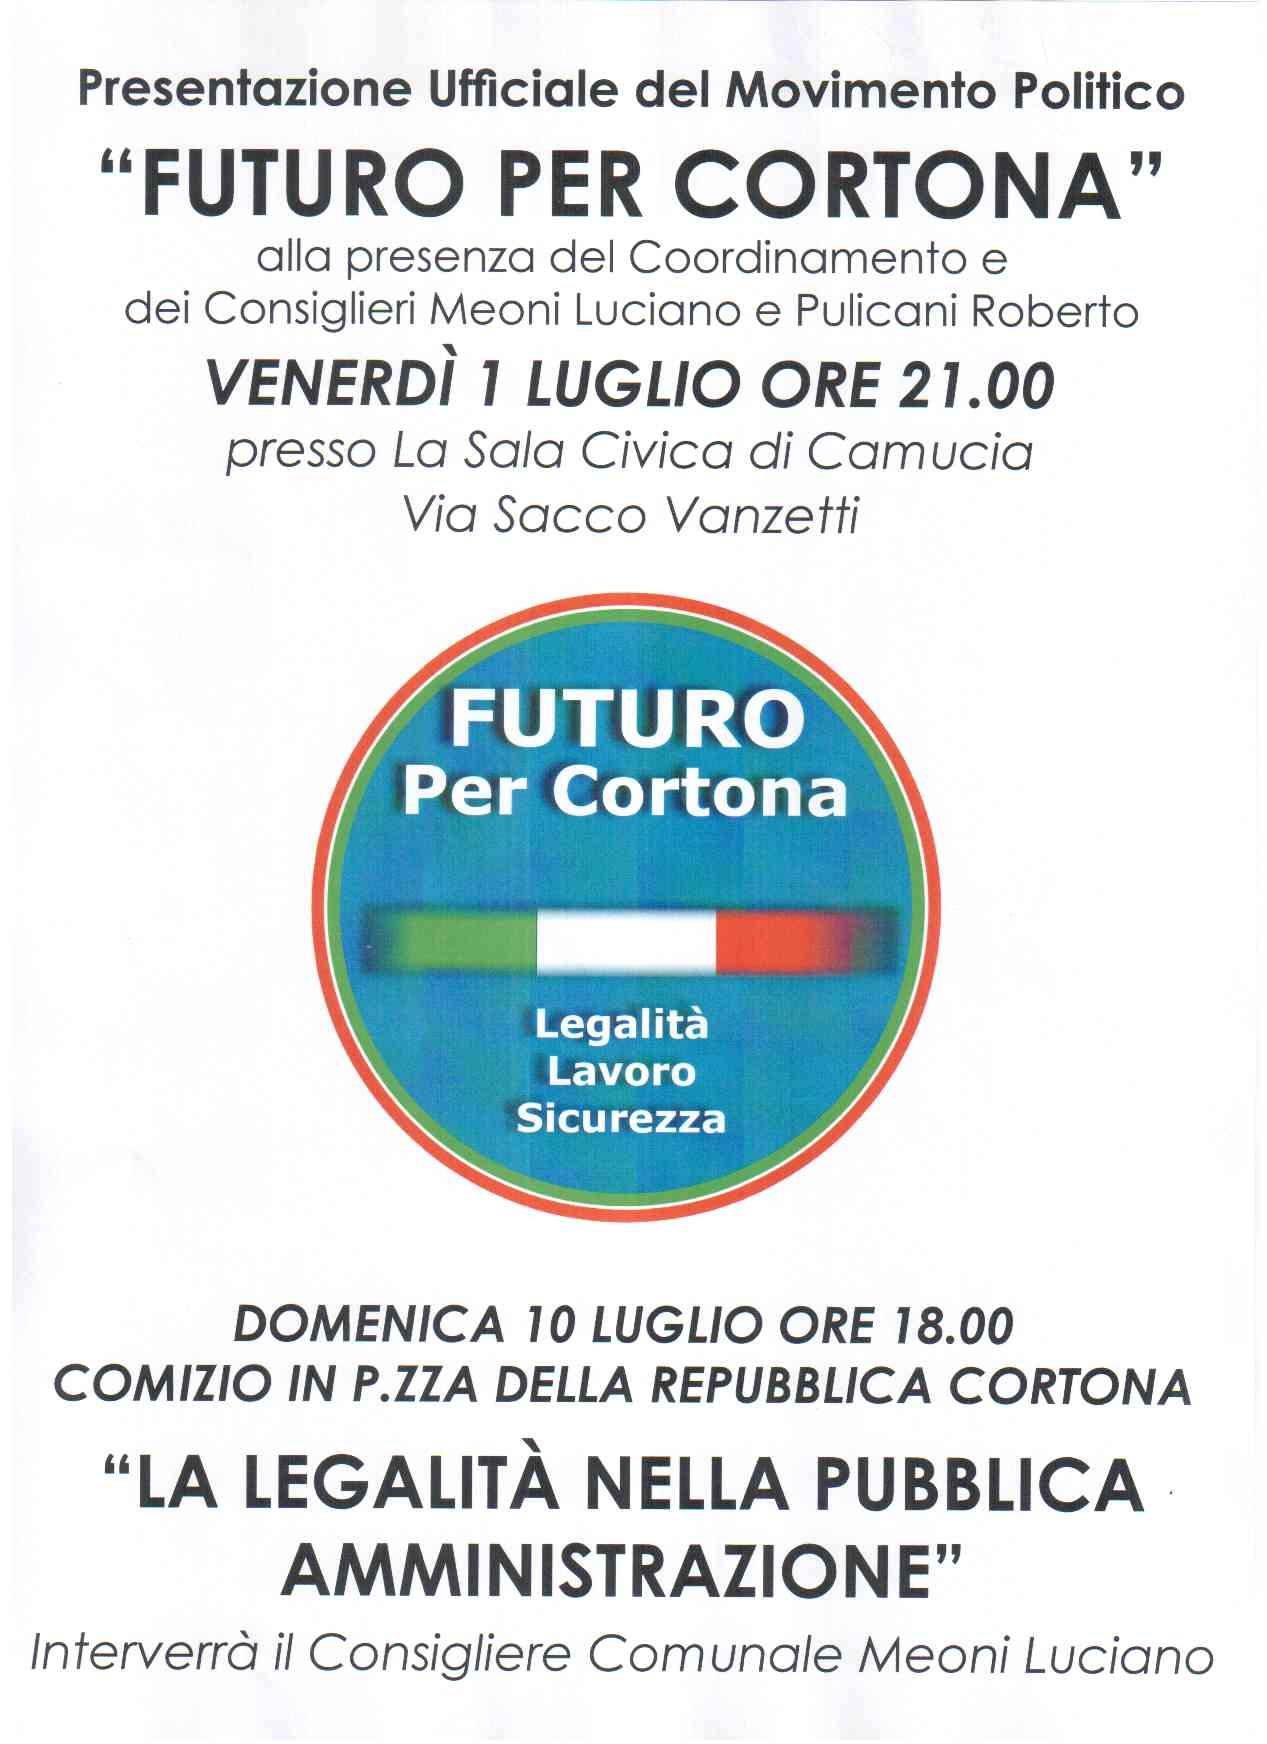 Futuro per Cortona: da gruppo consiliare a un vero movimento politico